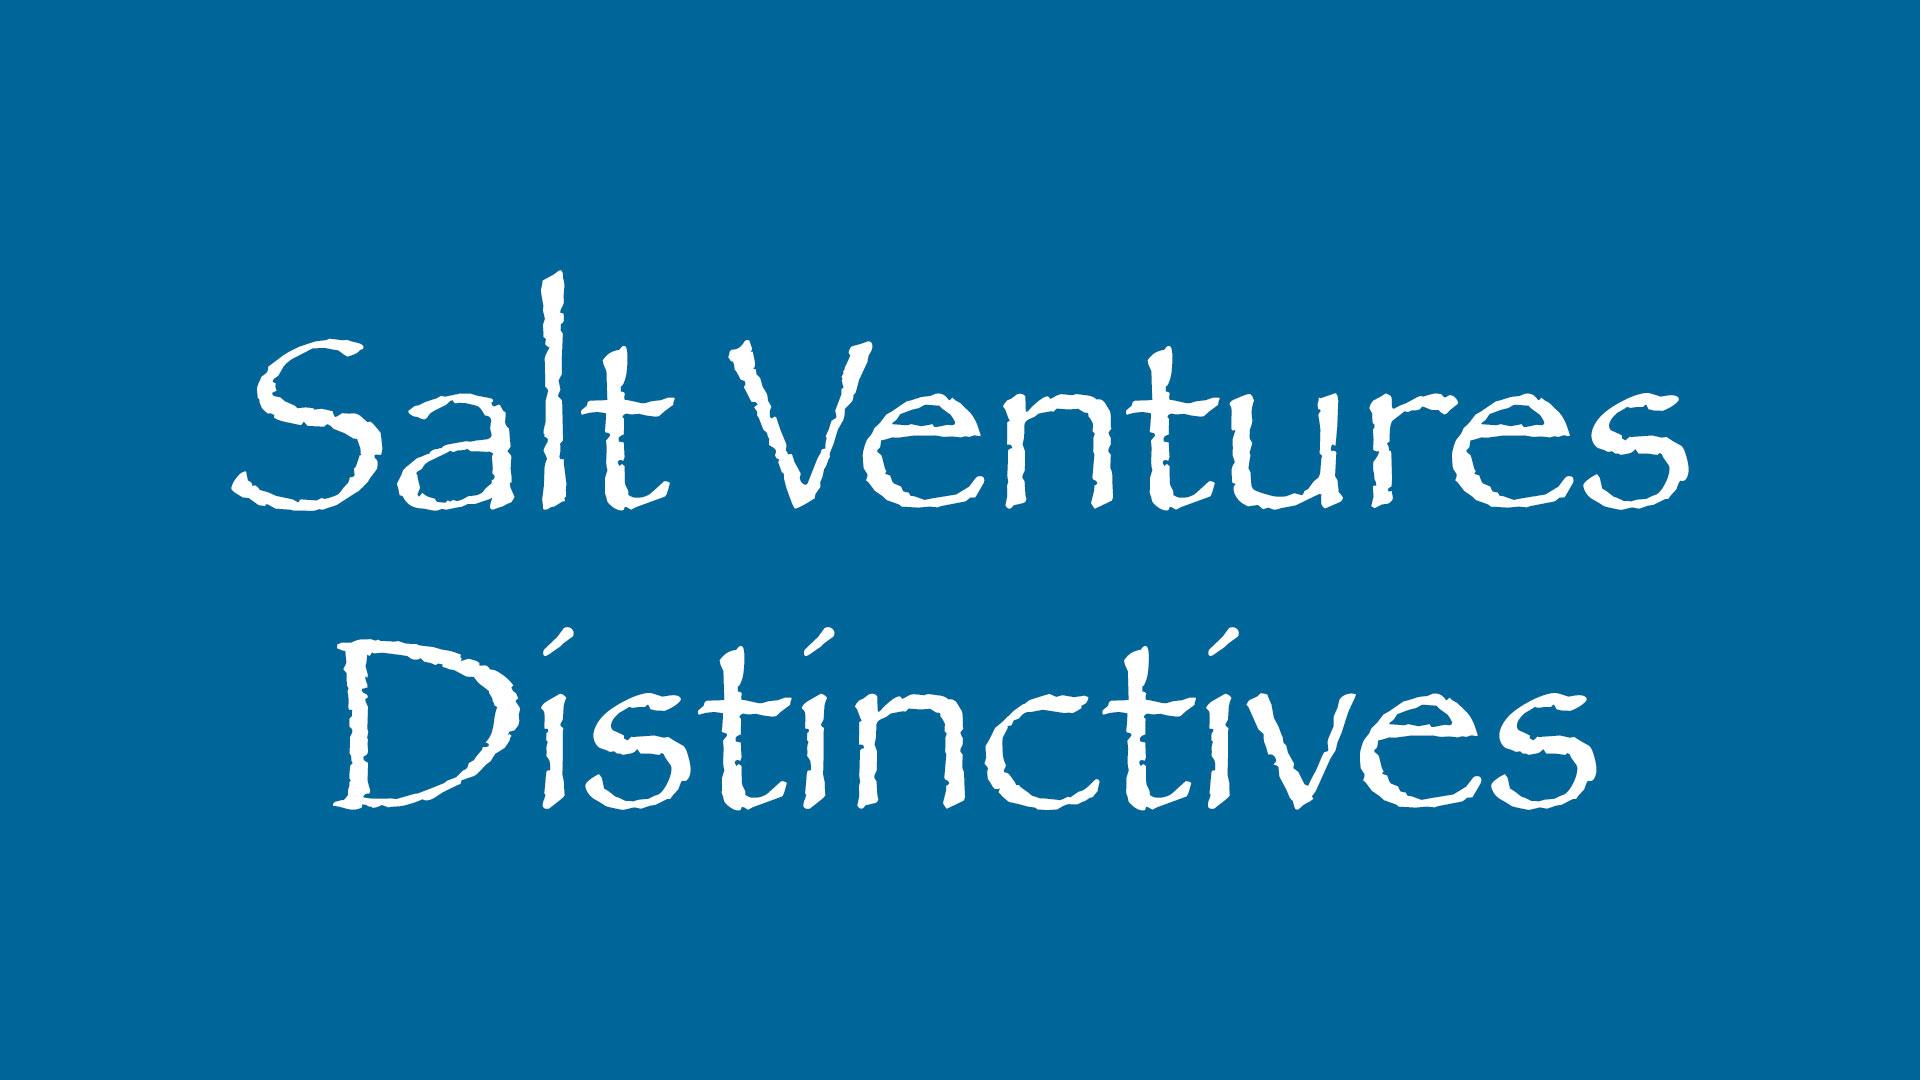 saltventures distinctives